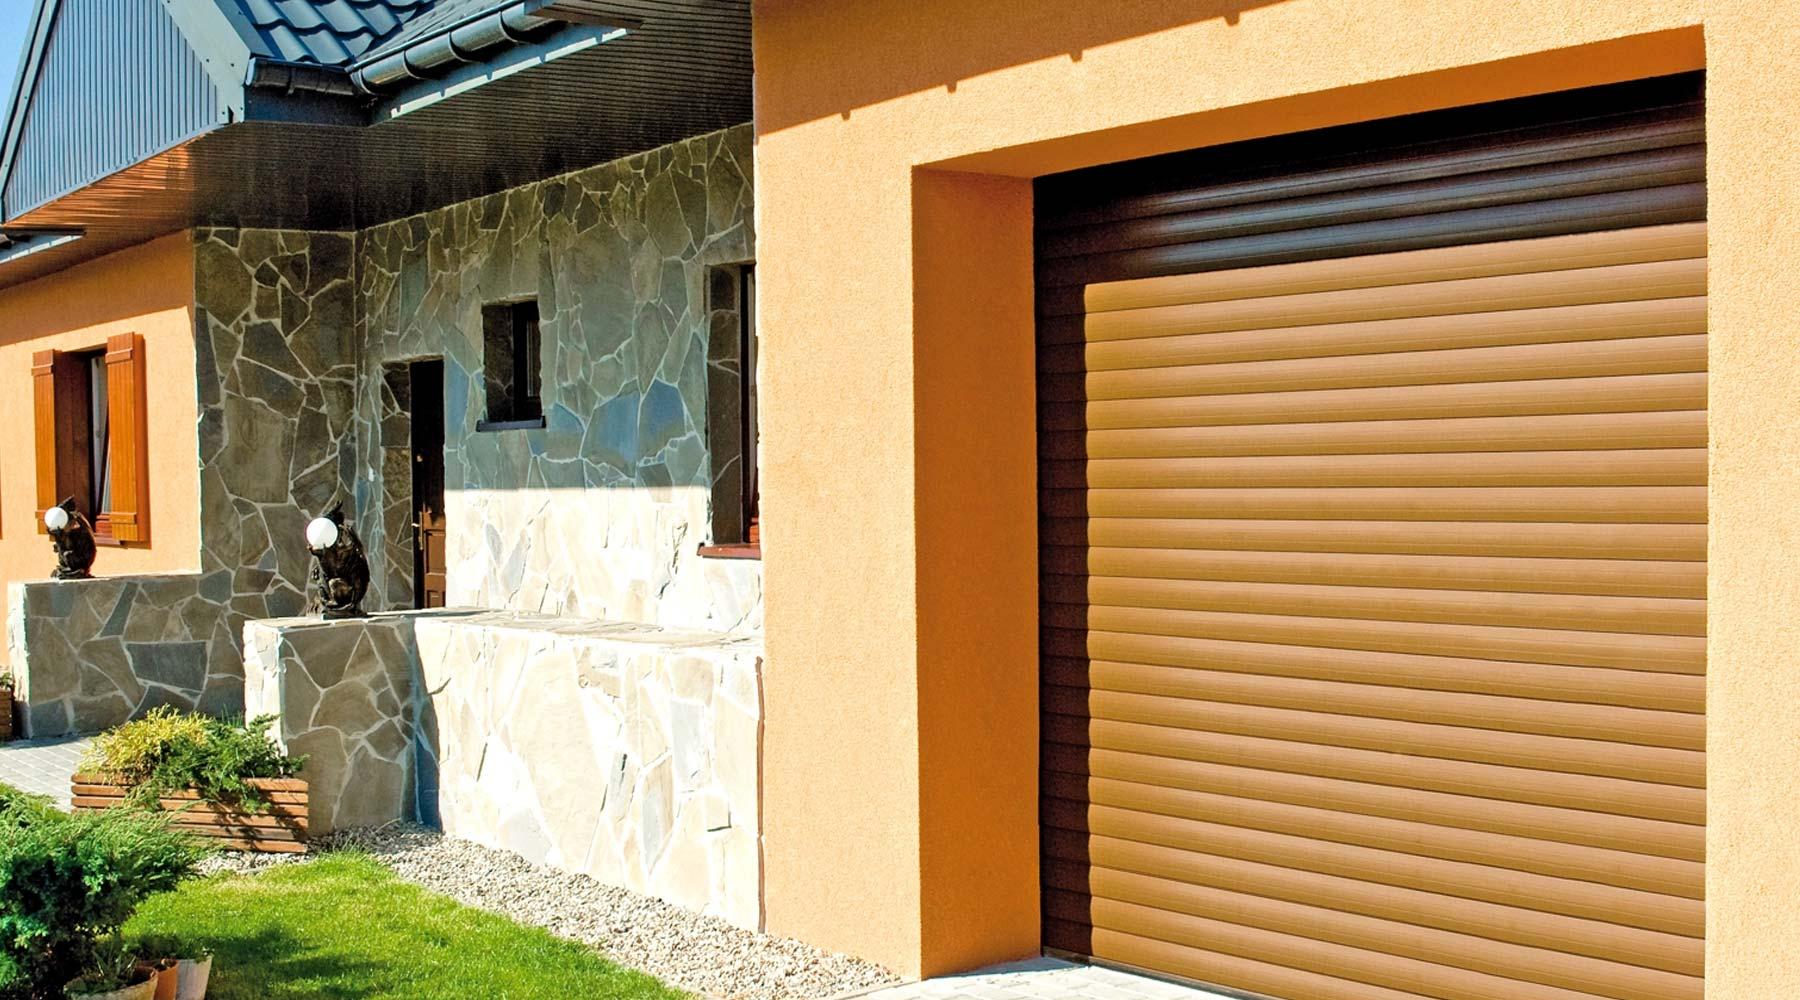 km-plast-rozwiązania-energooszczędne-bramy-garażowe-roletowe-funkcjonalność-i-wytrzymałość-najwyższa-jakość